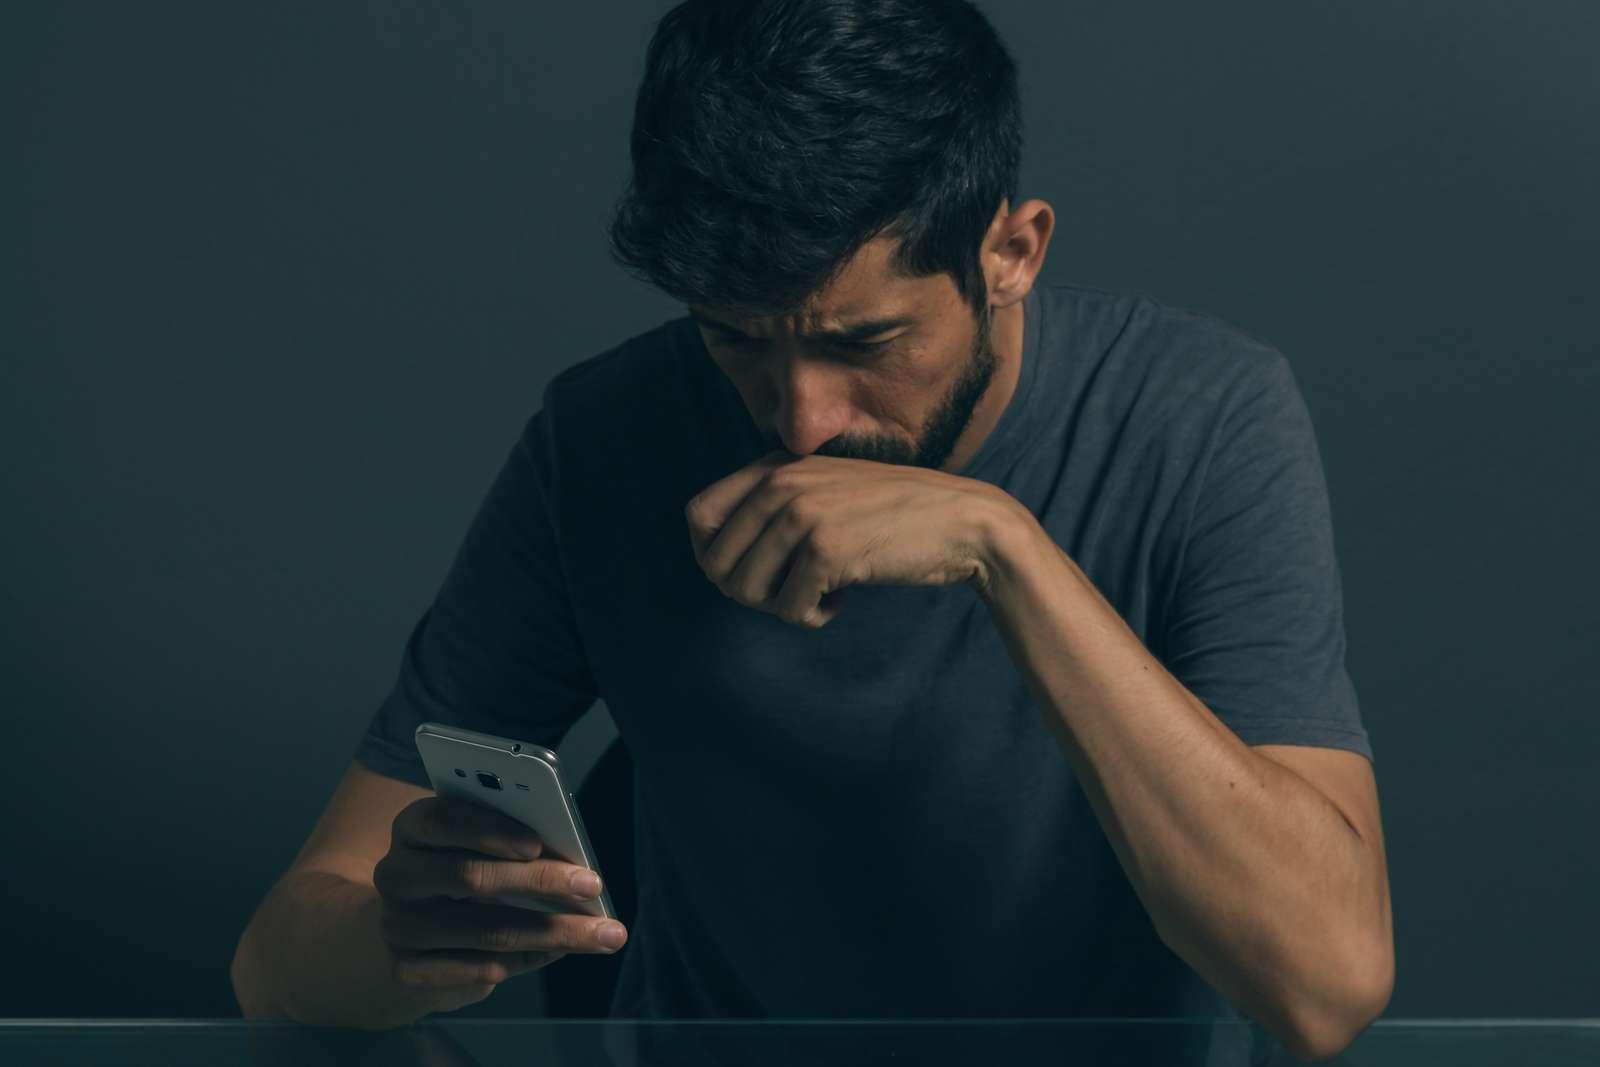 Ảnh đàn ông đầy cảm xúc khi đọc tin nhắn